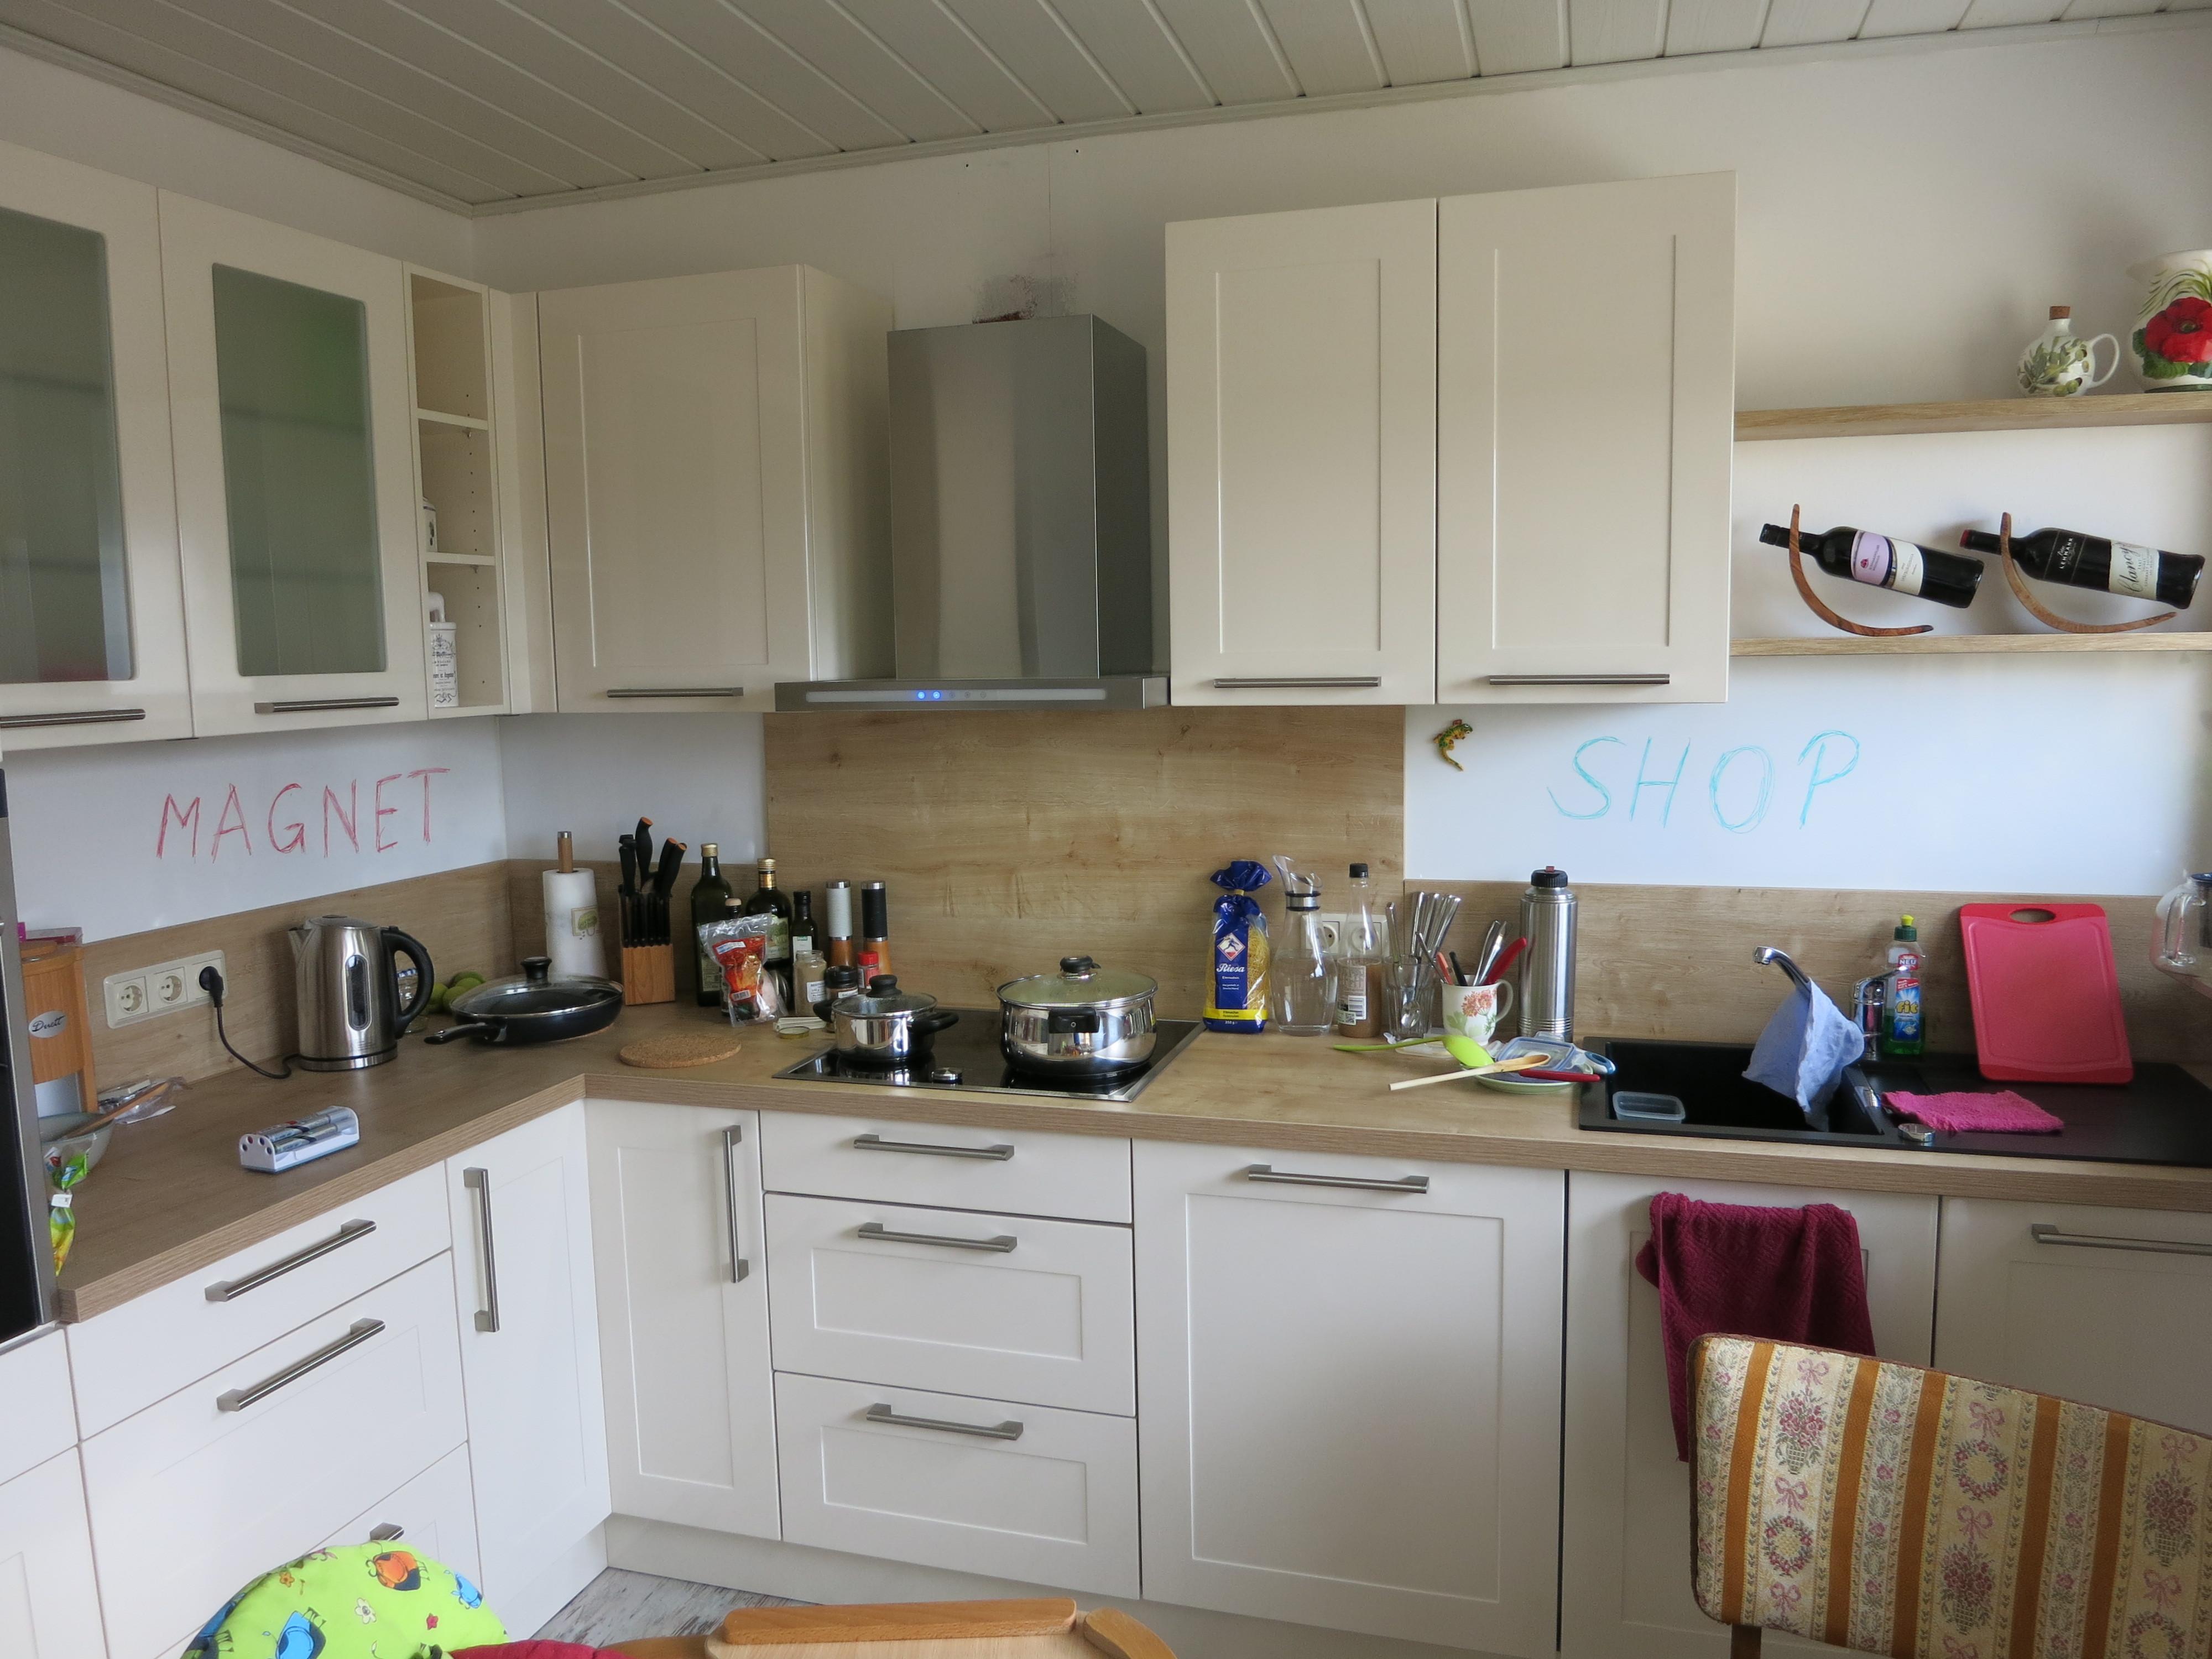 Küchengestaltung leicht gemacht mit unseren Supermagneten